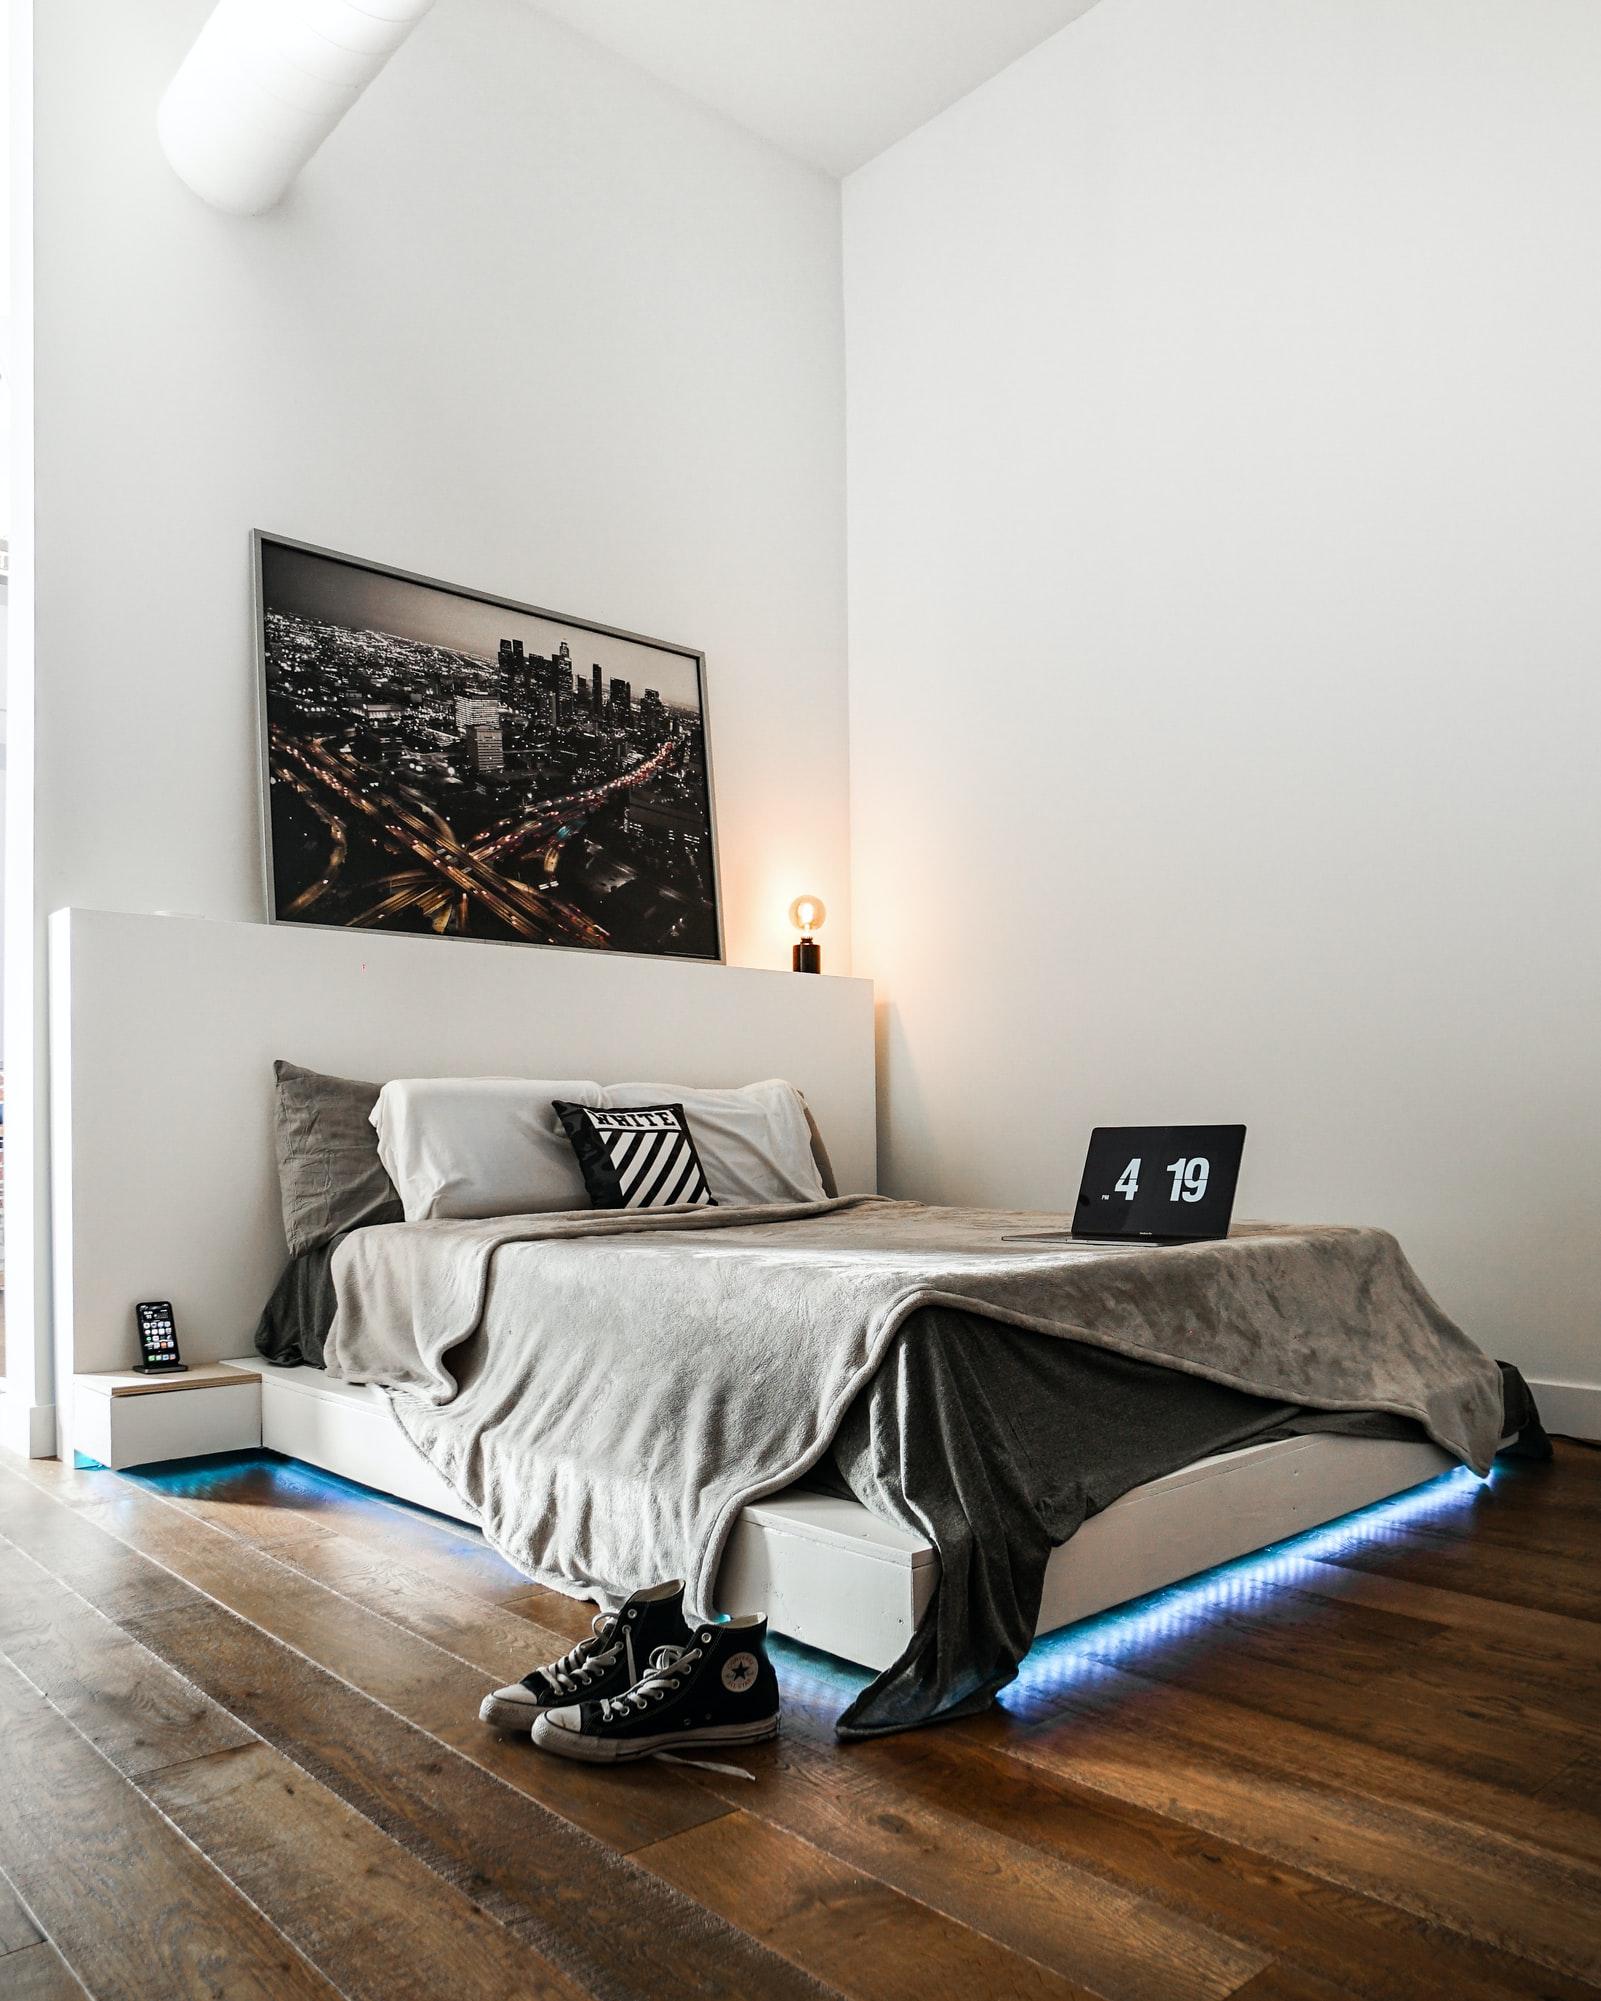 5 Tipps zur Neugestaltung des Teenager-Zimmers: von den Wänden bis zu Accessoires